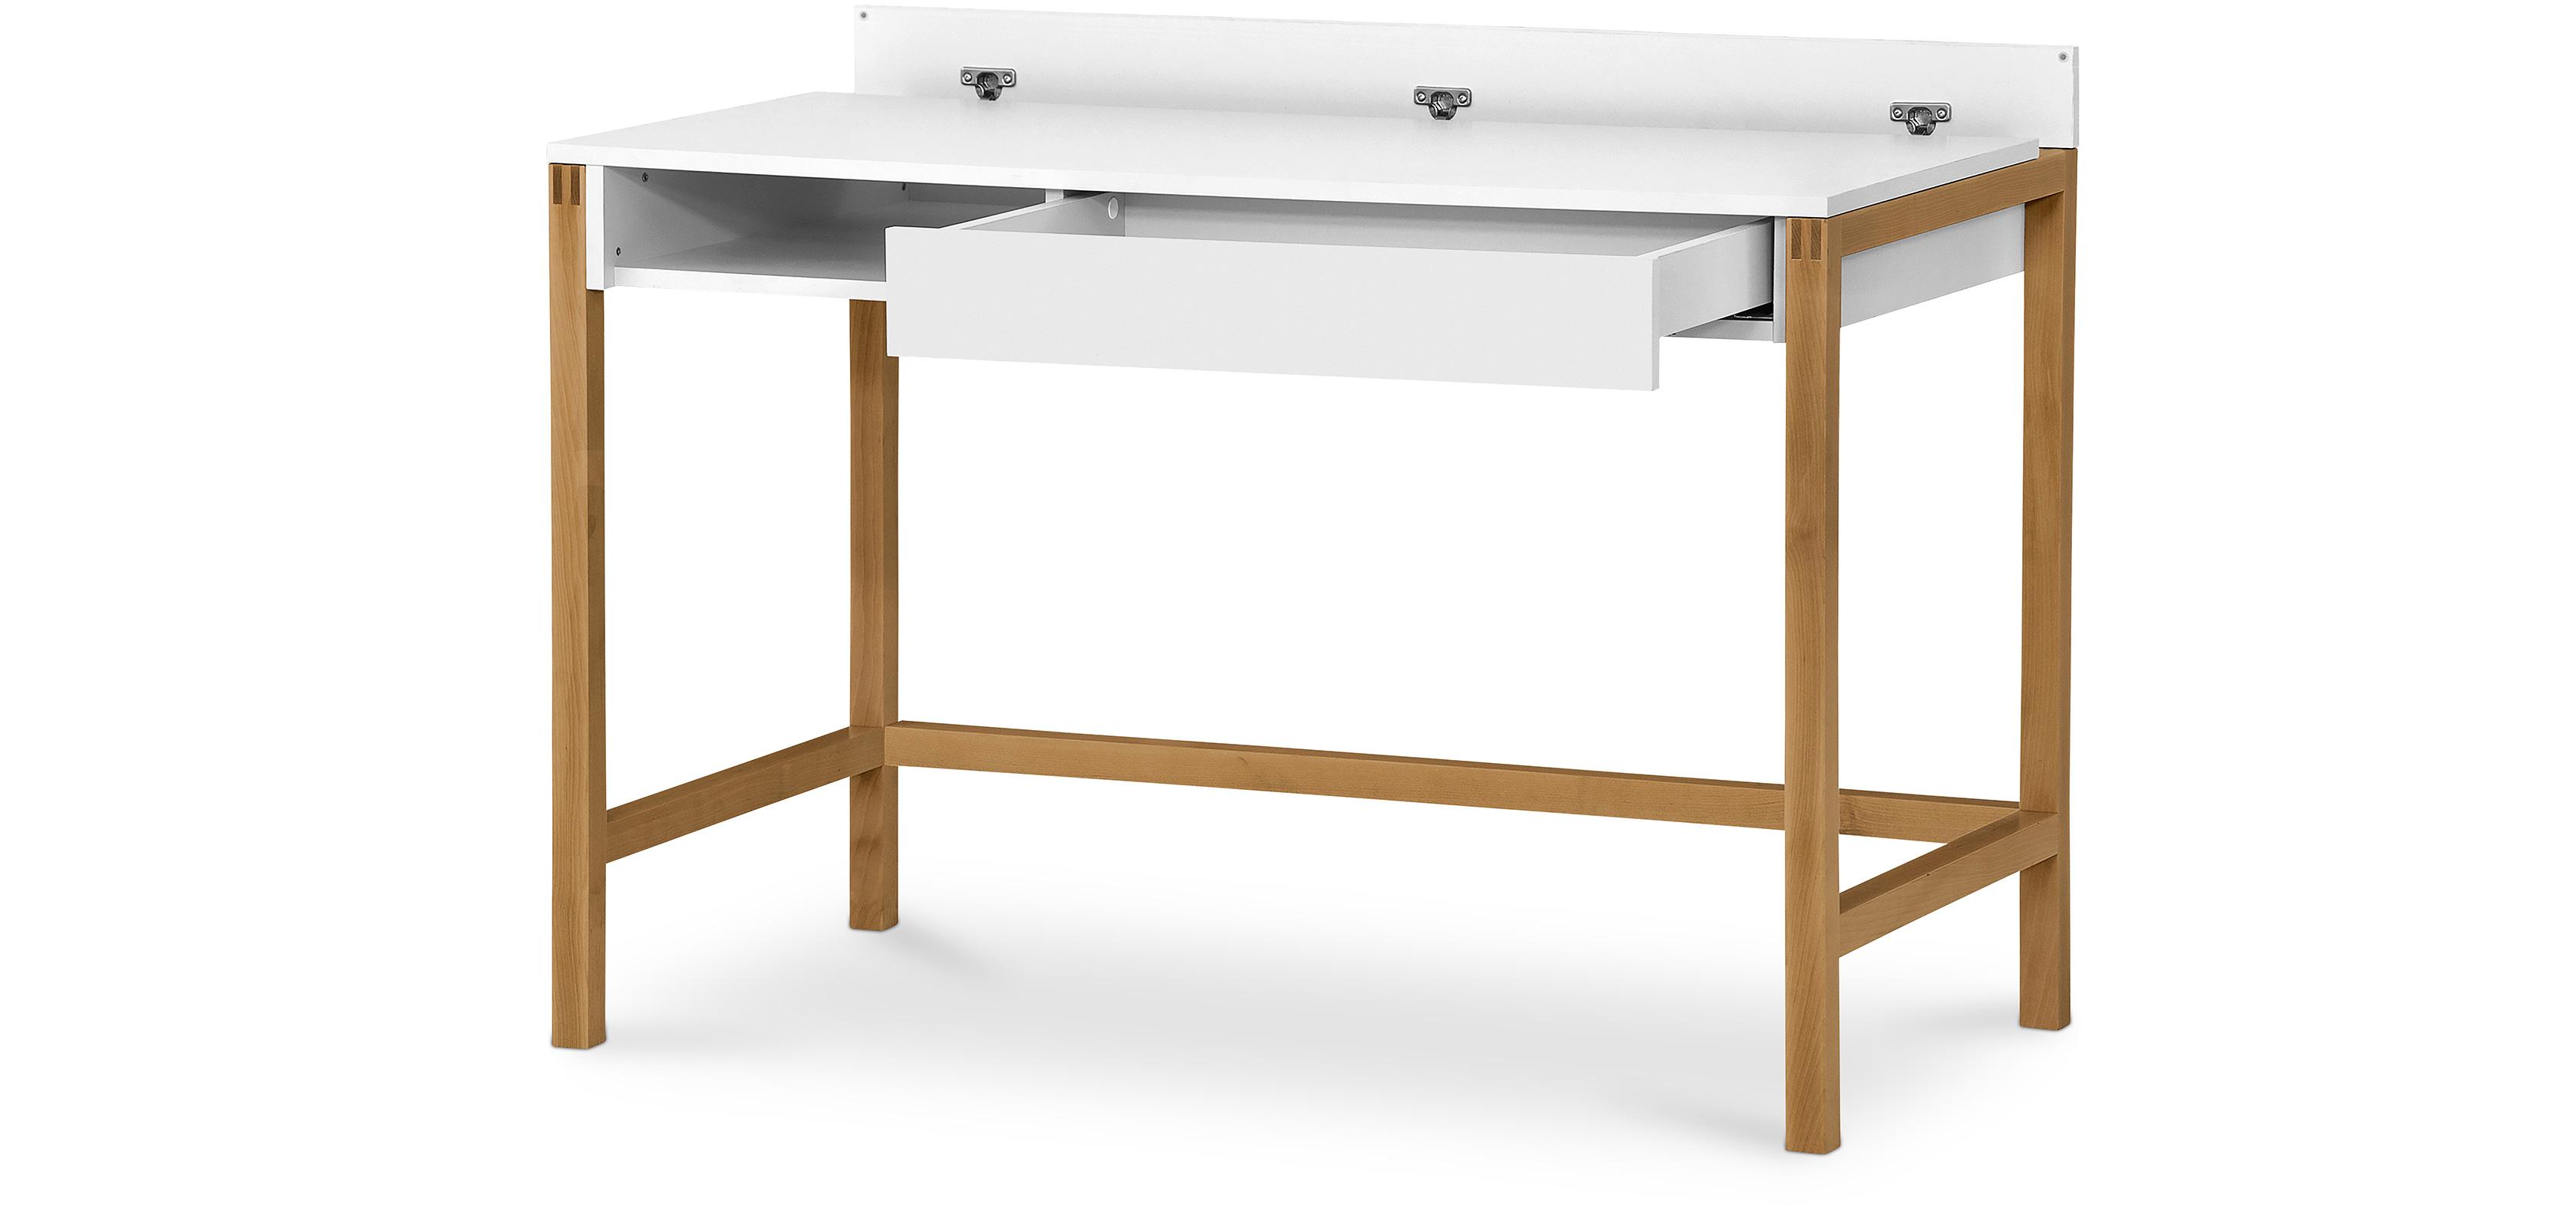 Tavolo scrivania in legno bicolore stile scandinavo - Tavolo stile scandinavo ...